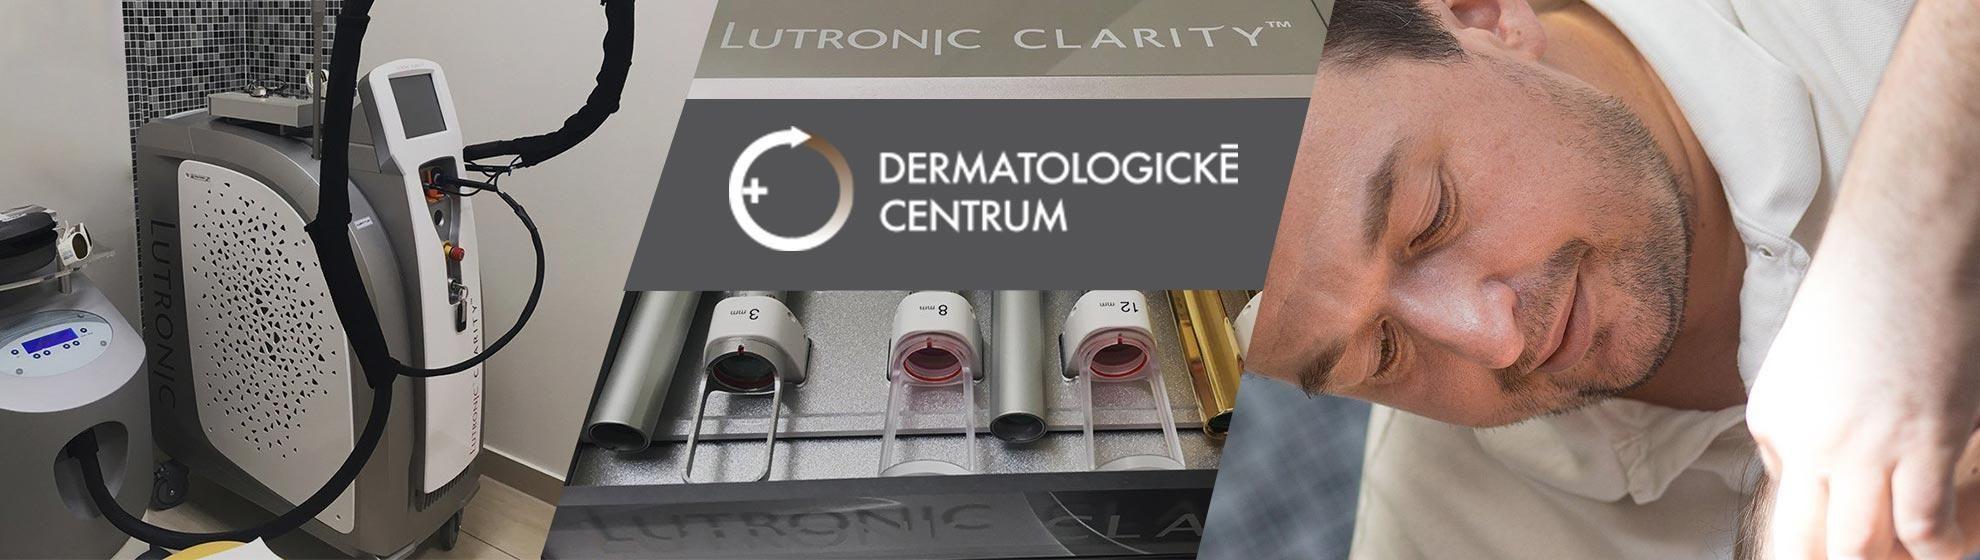 Dermatologické centrum